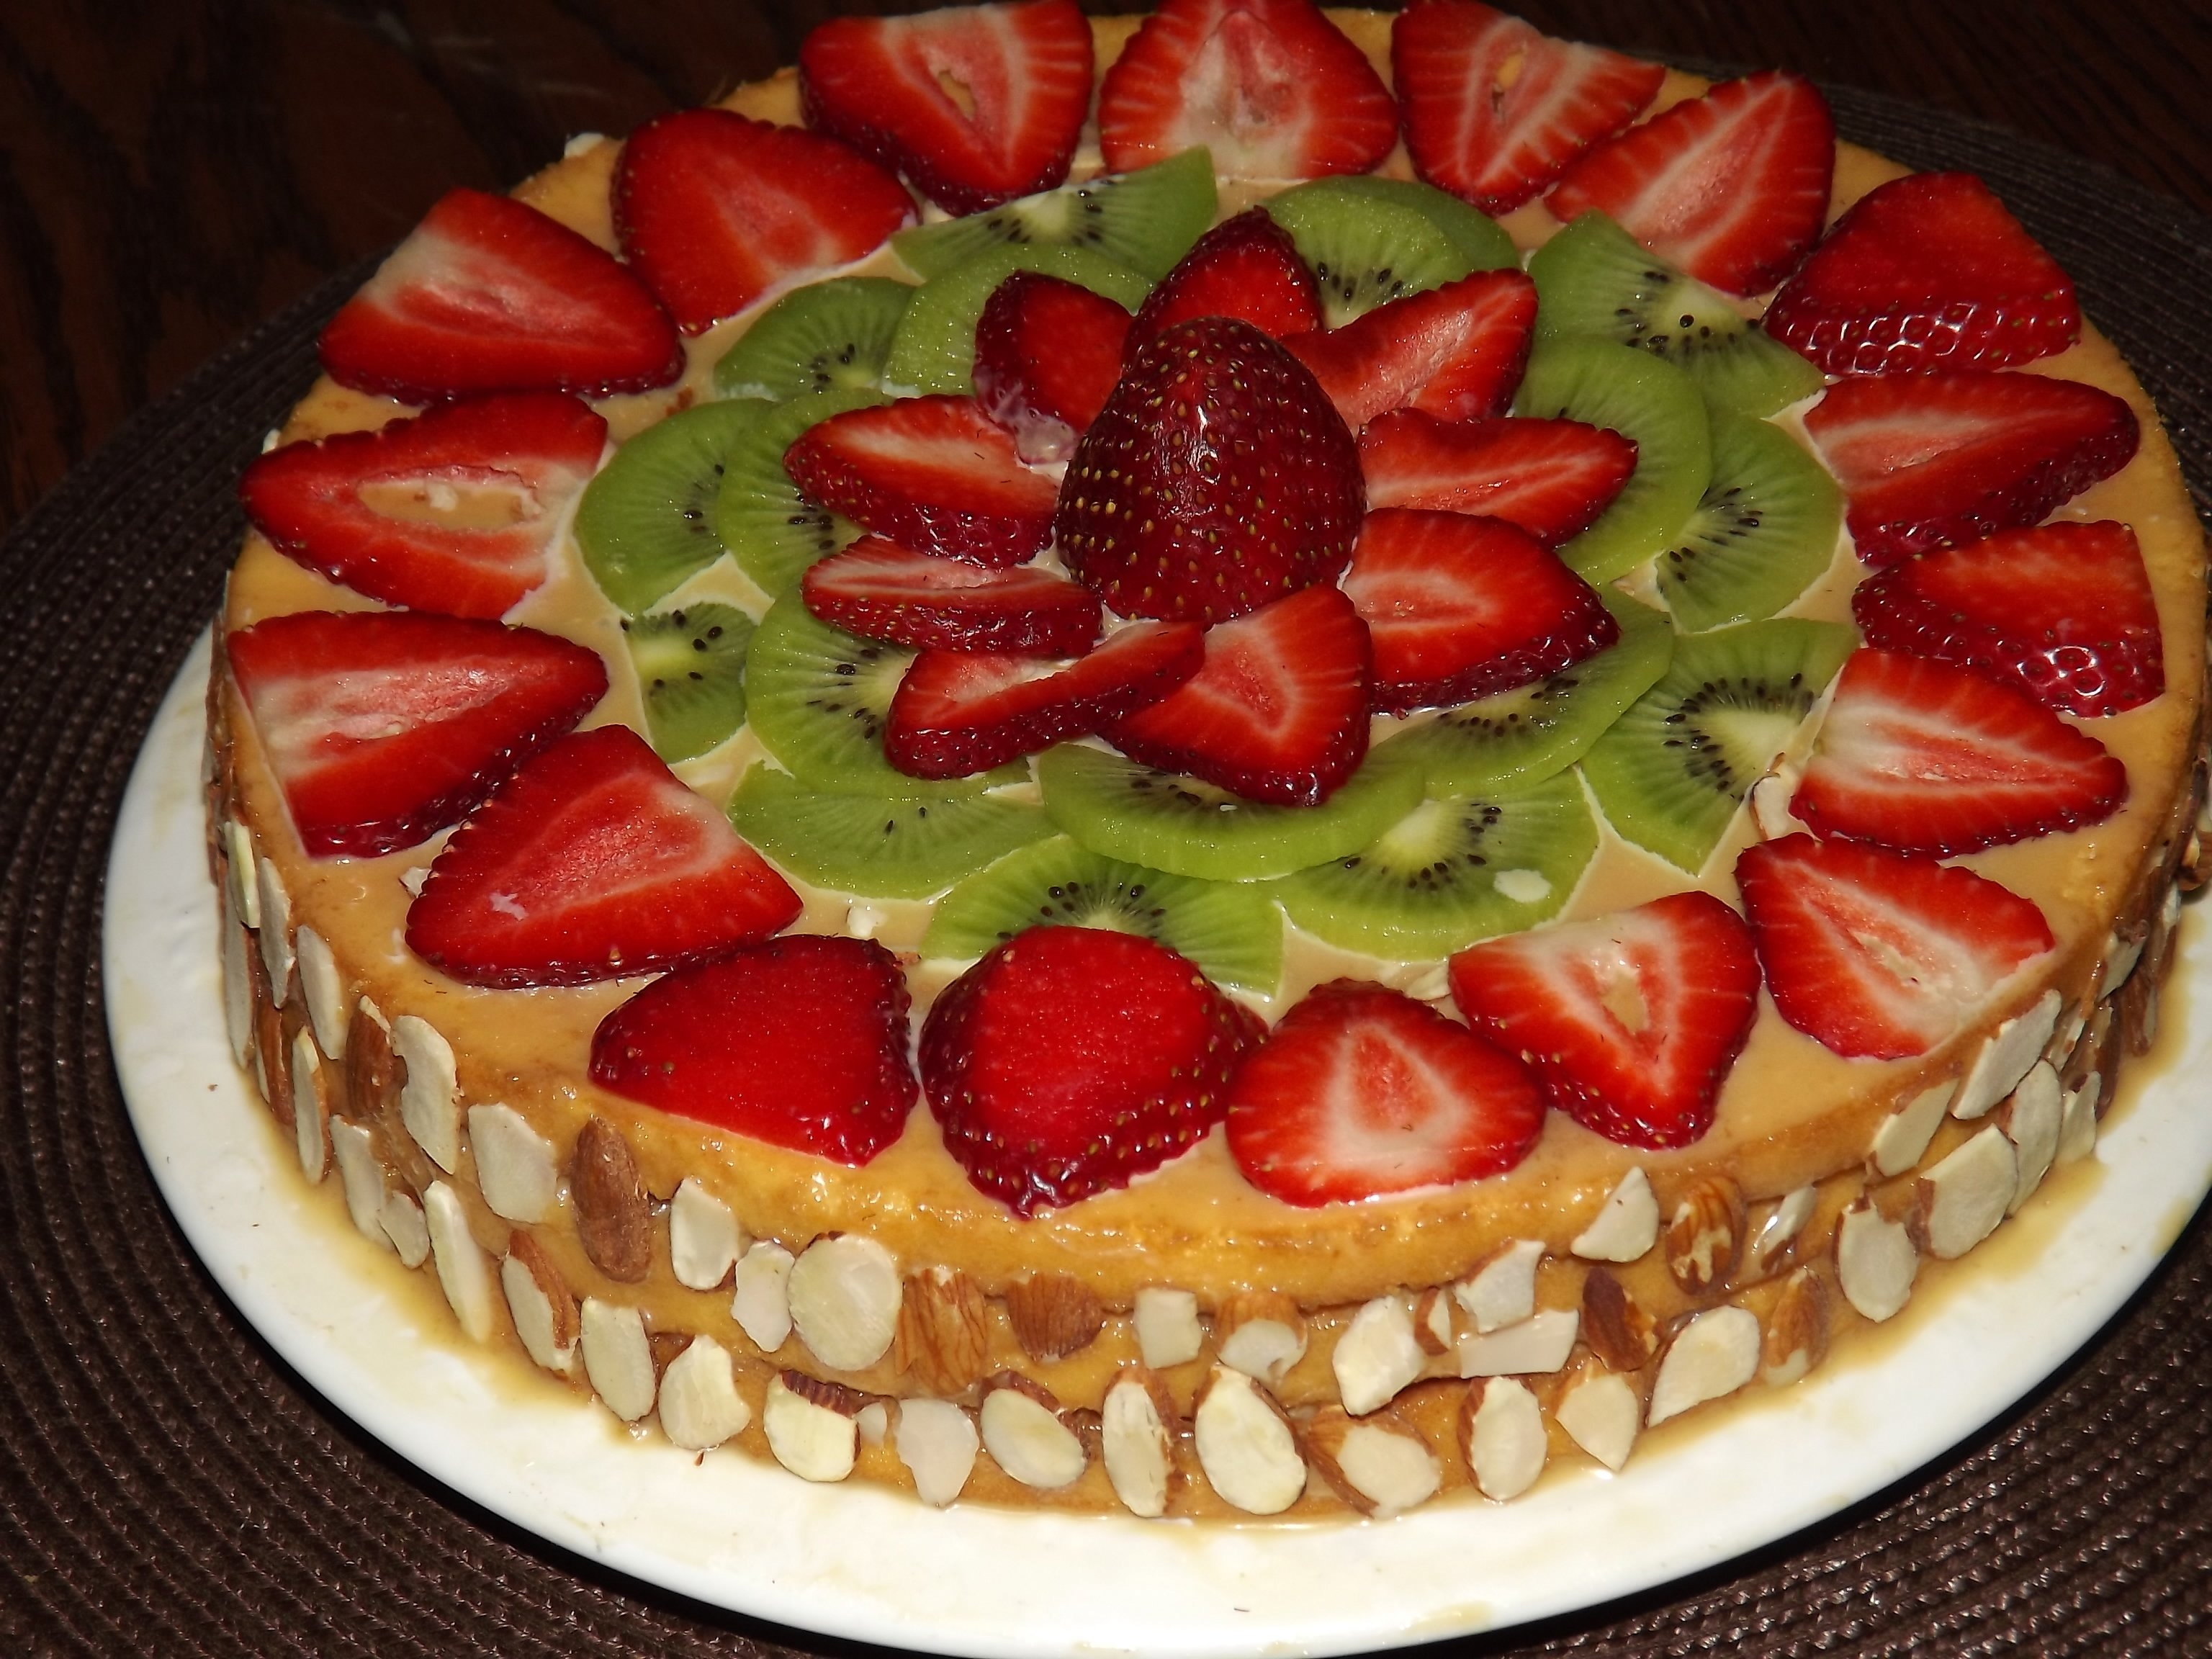 праздничный торт своими руками рецепт с фото